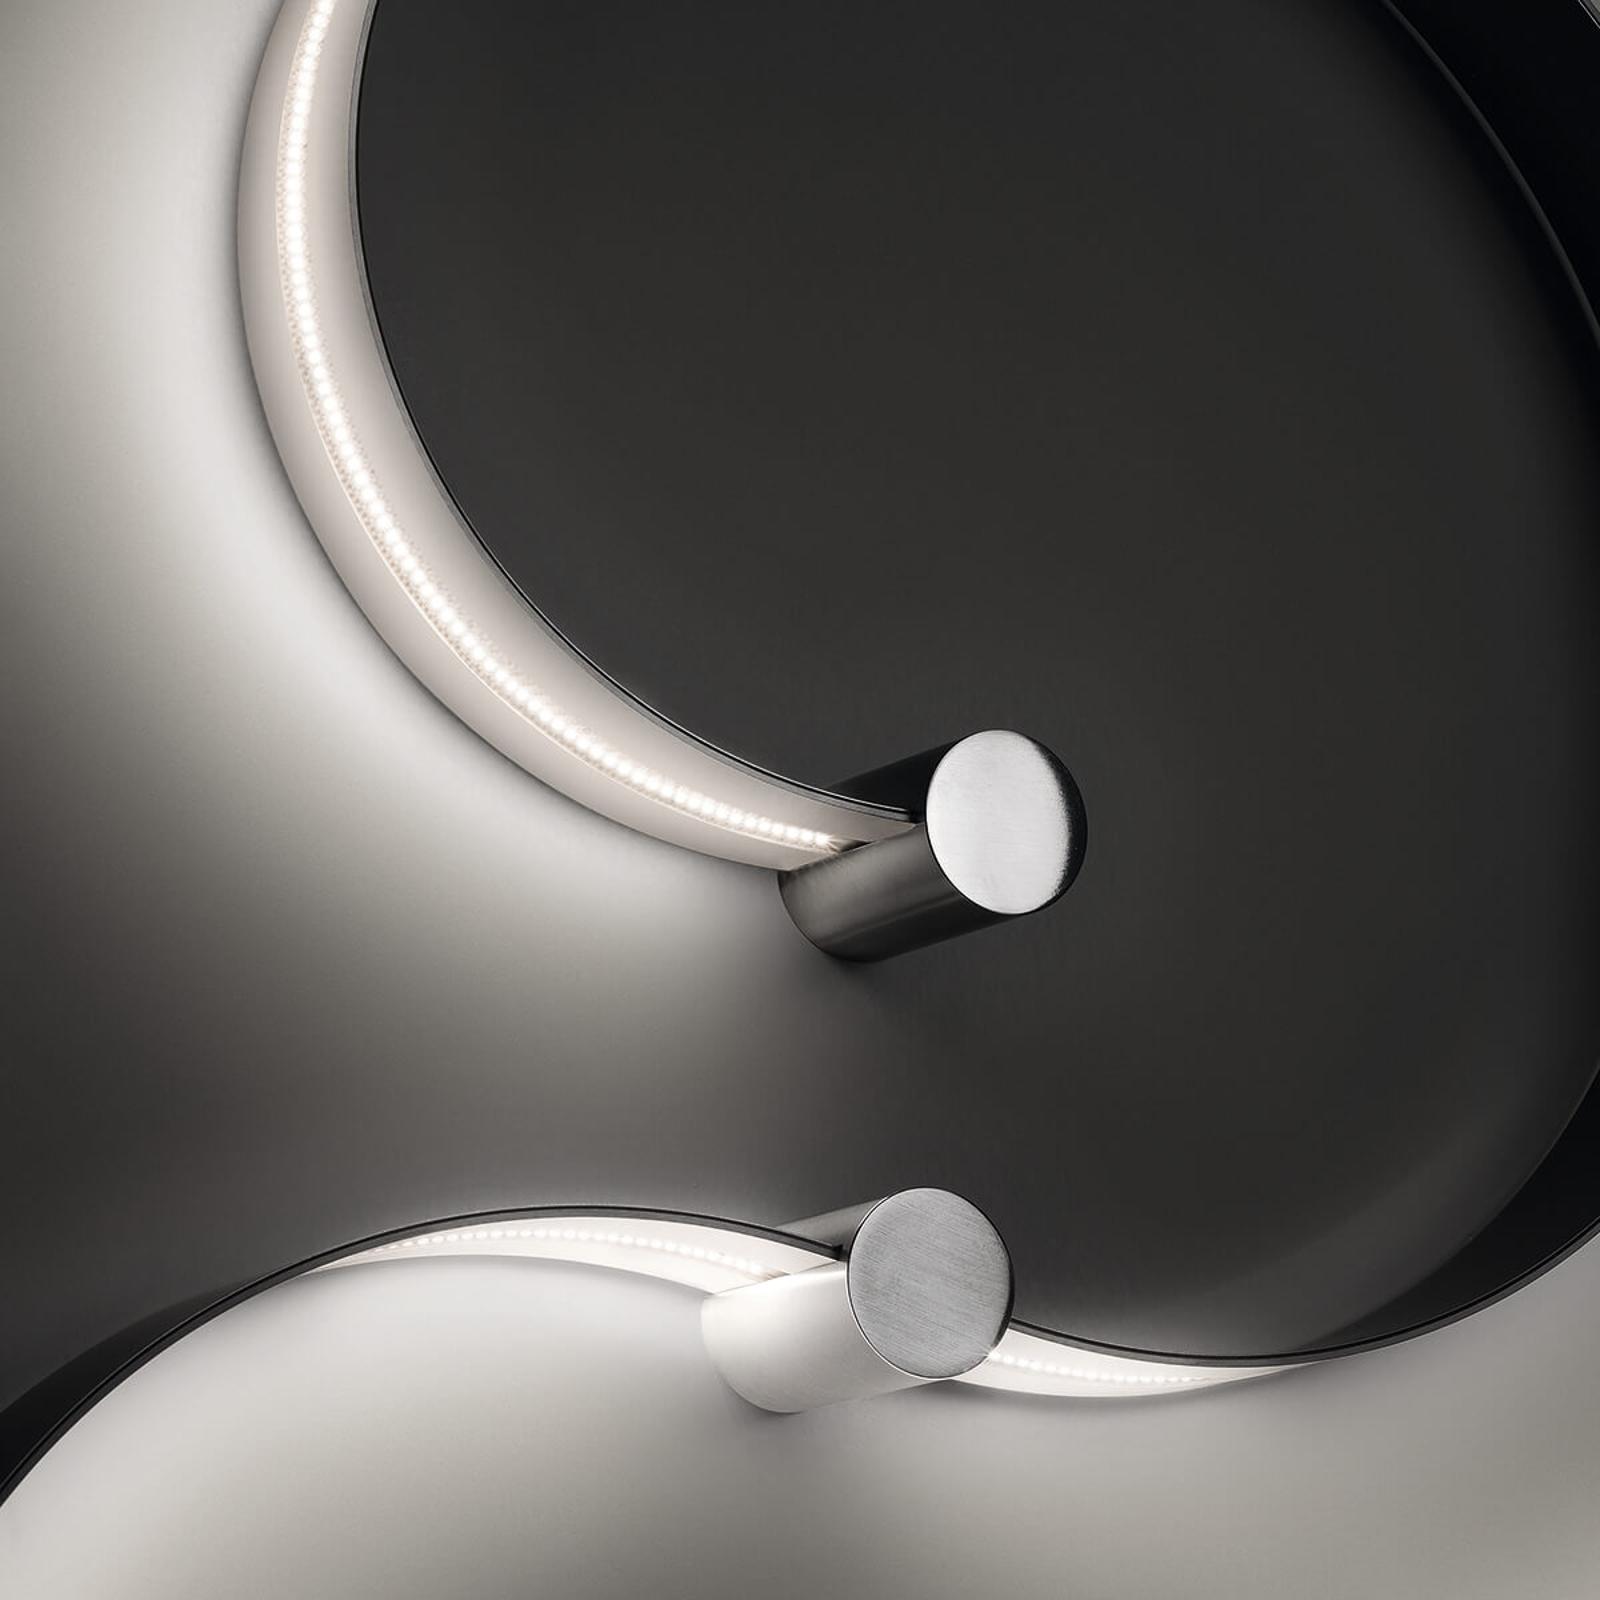 Böjbar LED-vägglampa FormaLa2